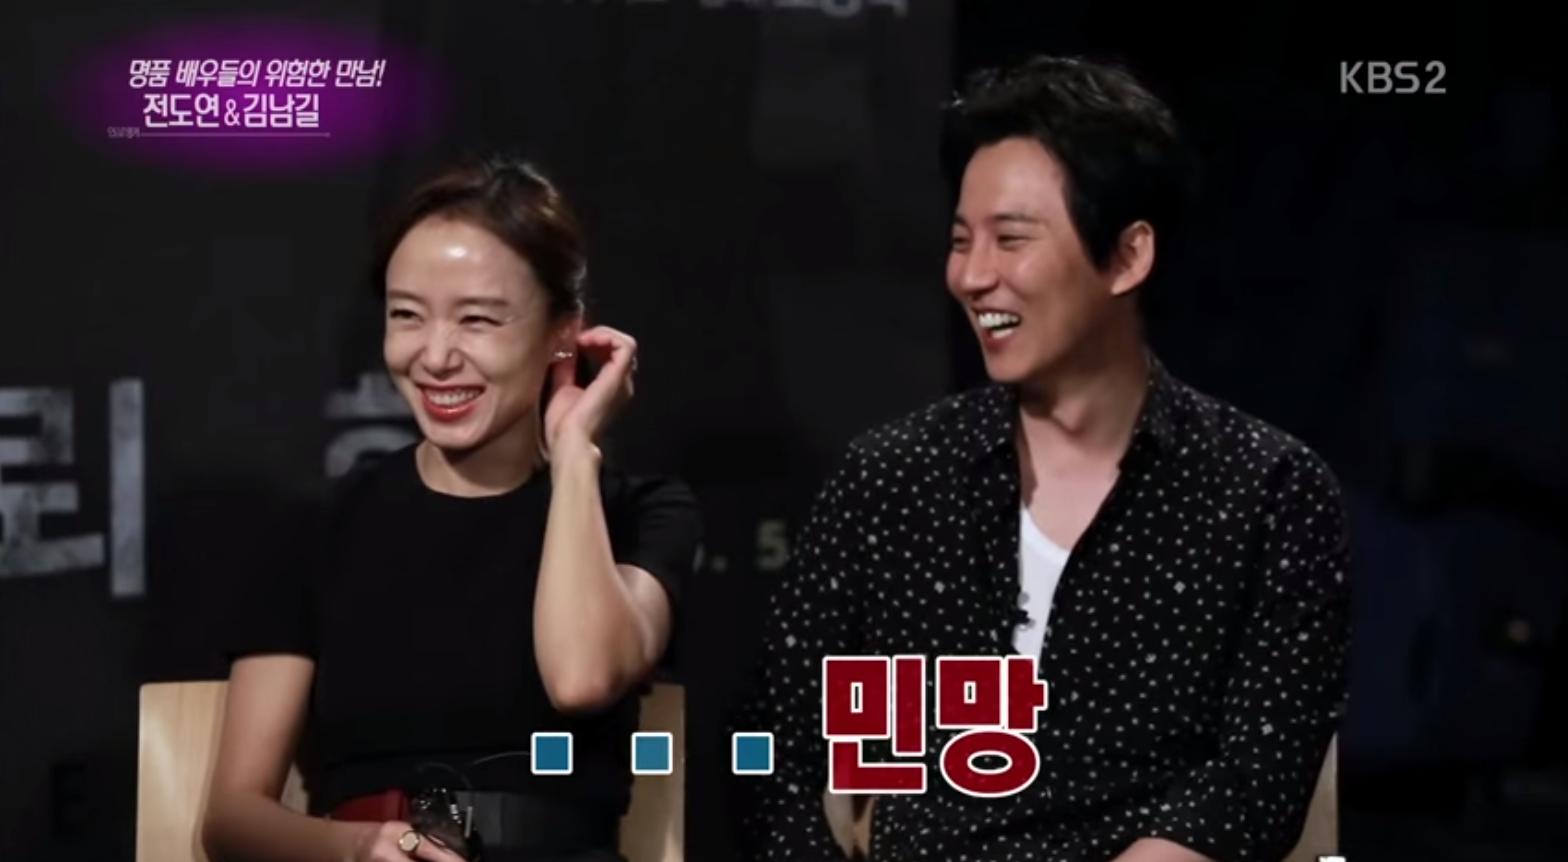 jeon do yeon kim nam gil entertainment weekly